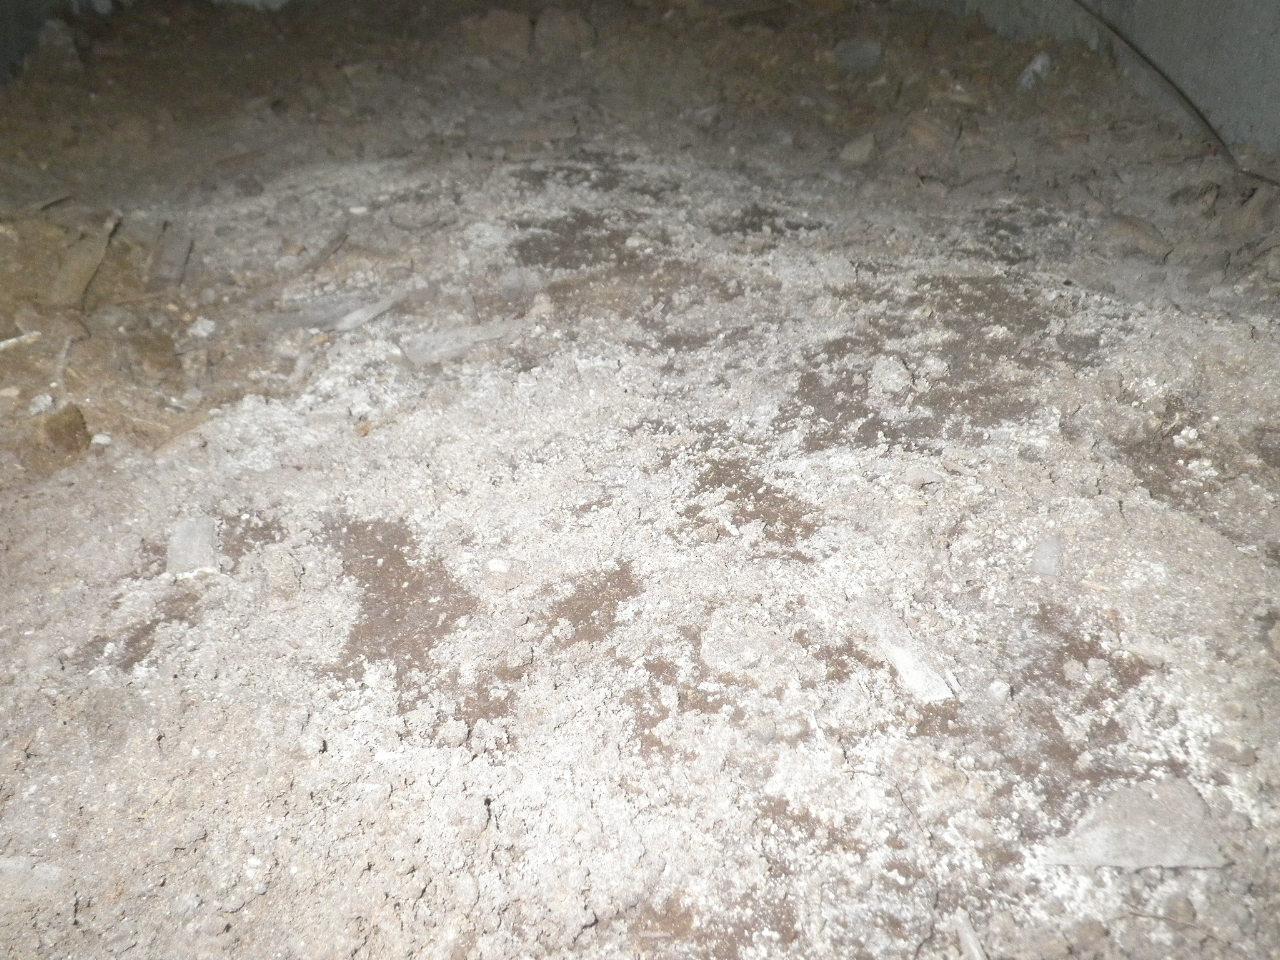 土壌のカビ2